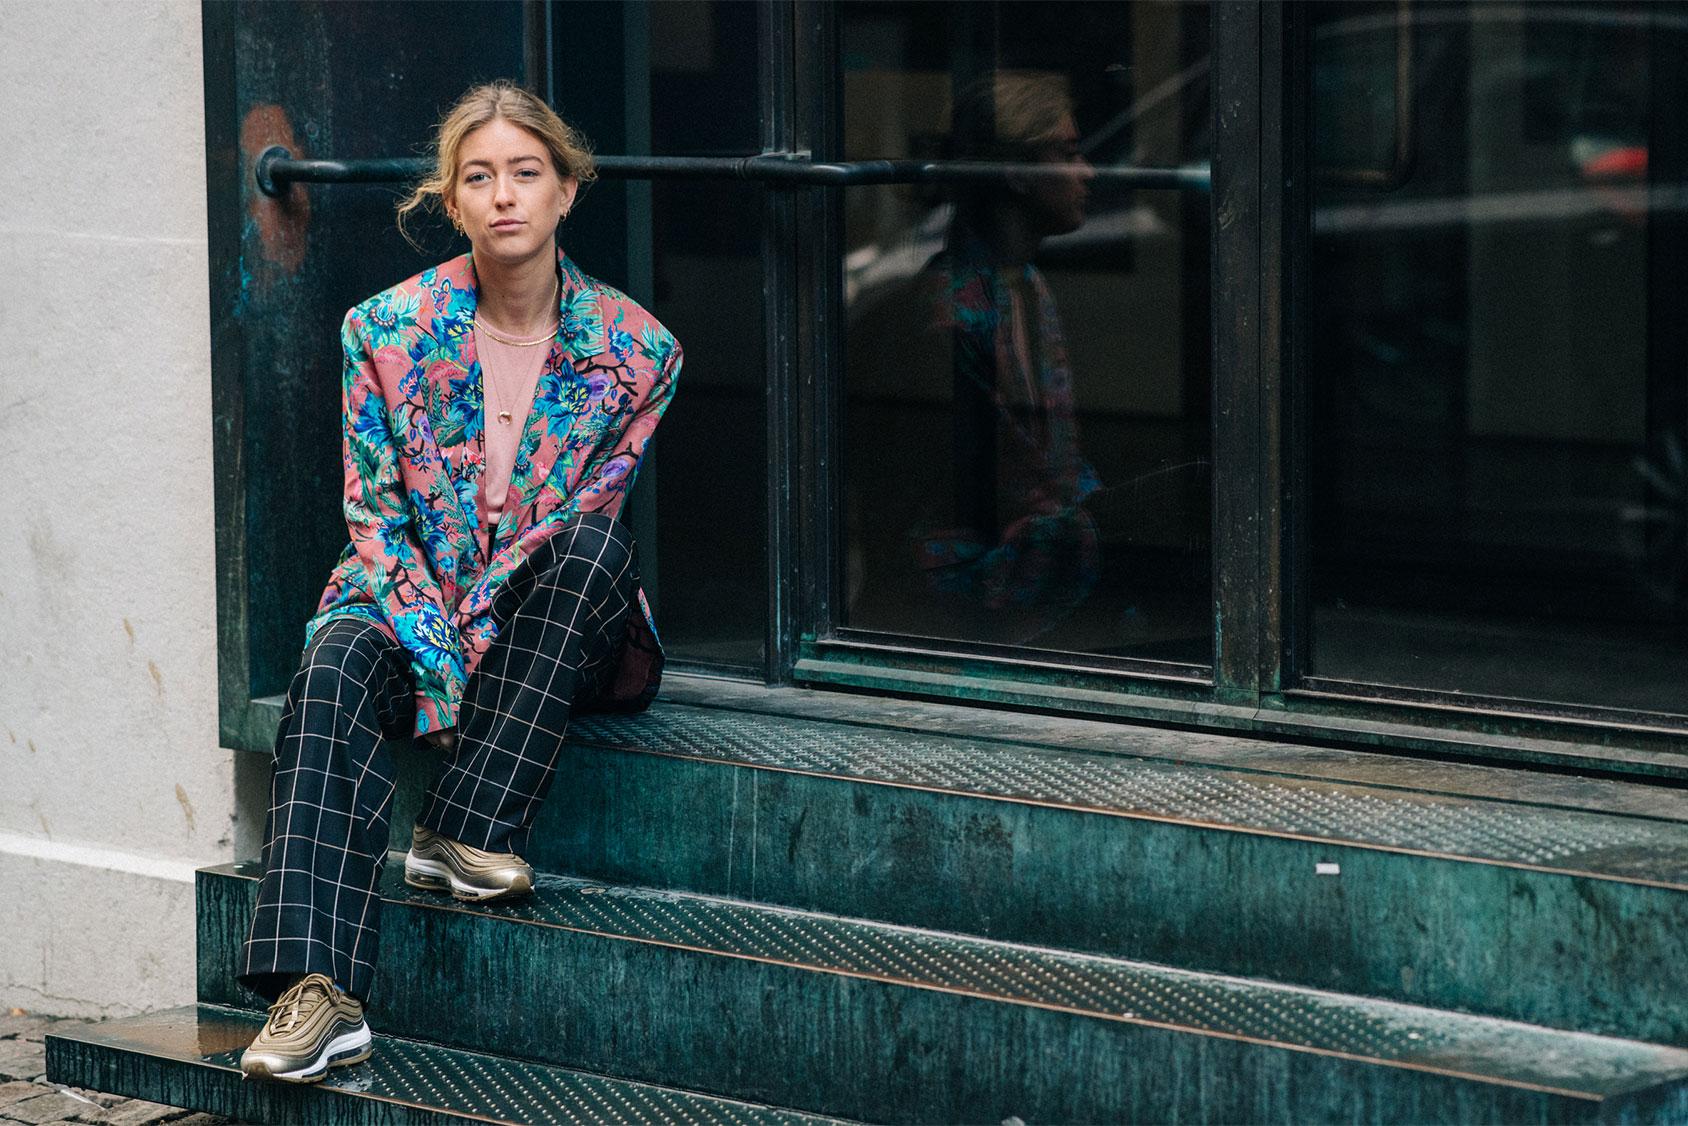 Emili Sindlev in H&M